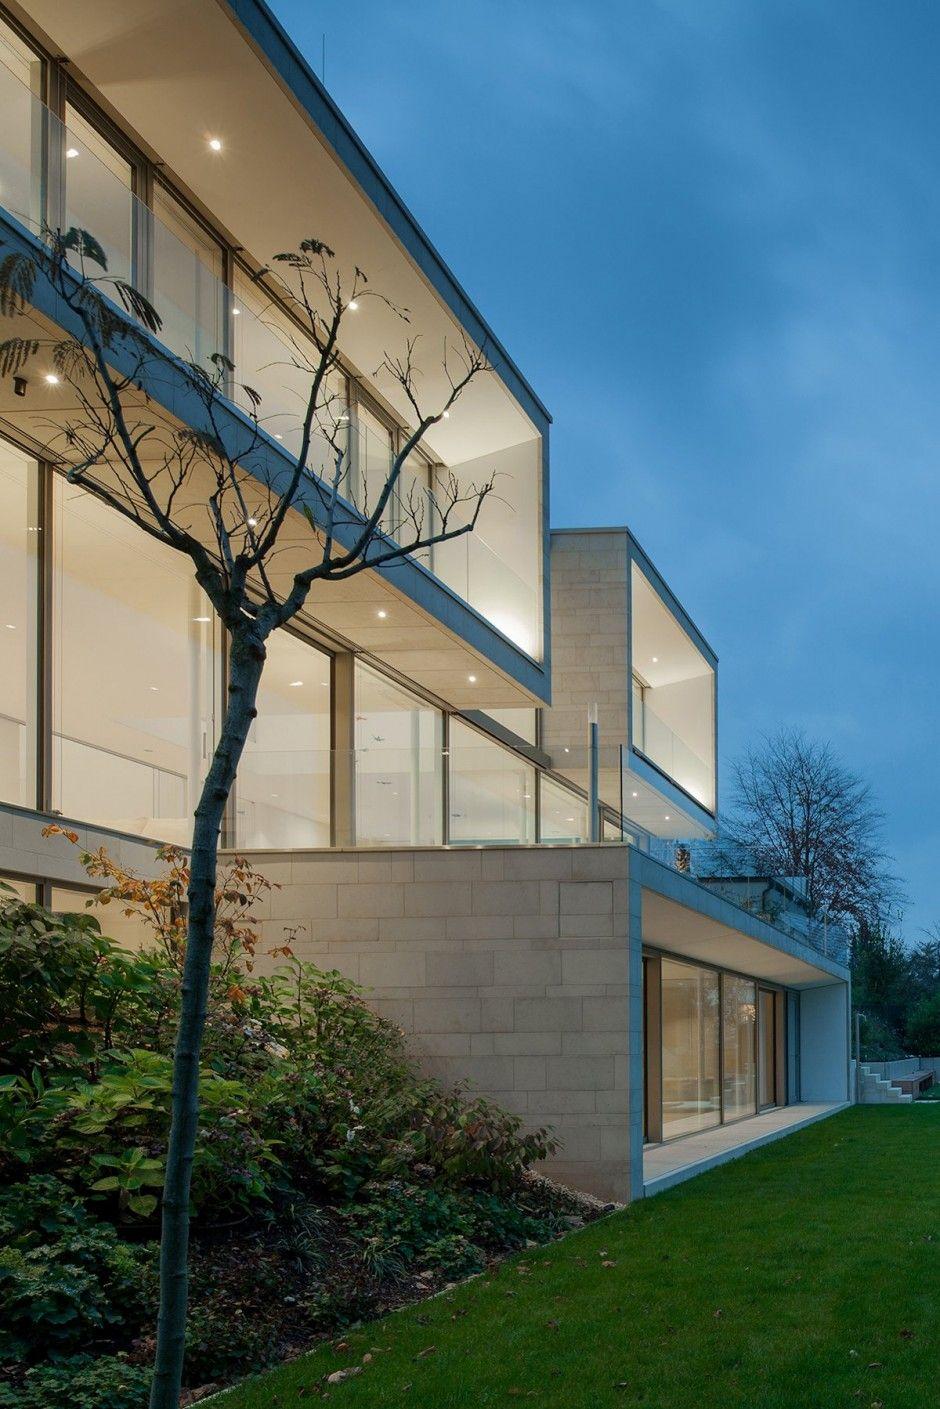 Architekt Weinheim residence in weinheim germany by architekten wannenmacher möeller